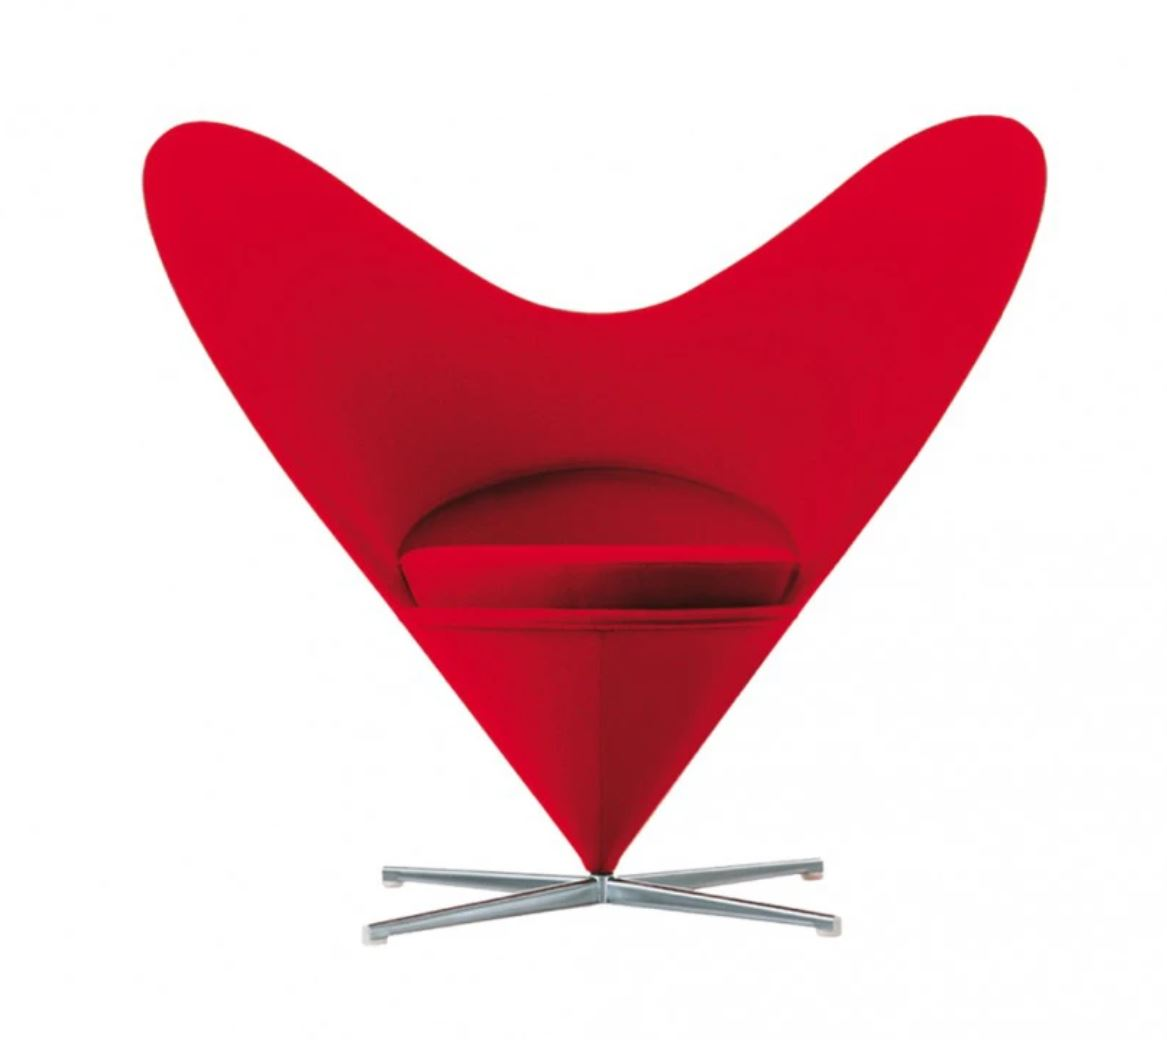 Heart cone chair, Conran shop.JPG